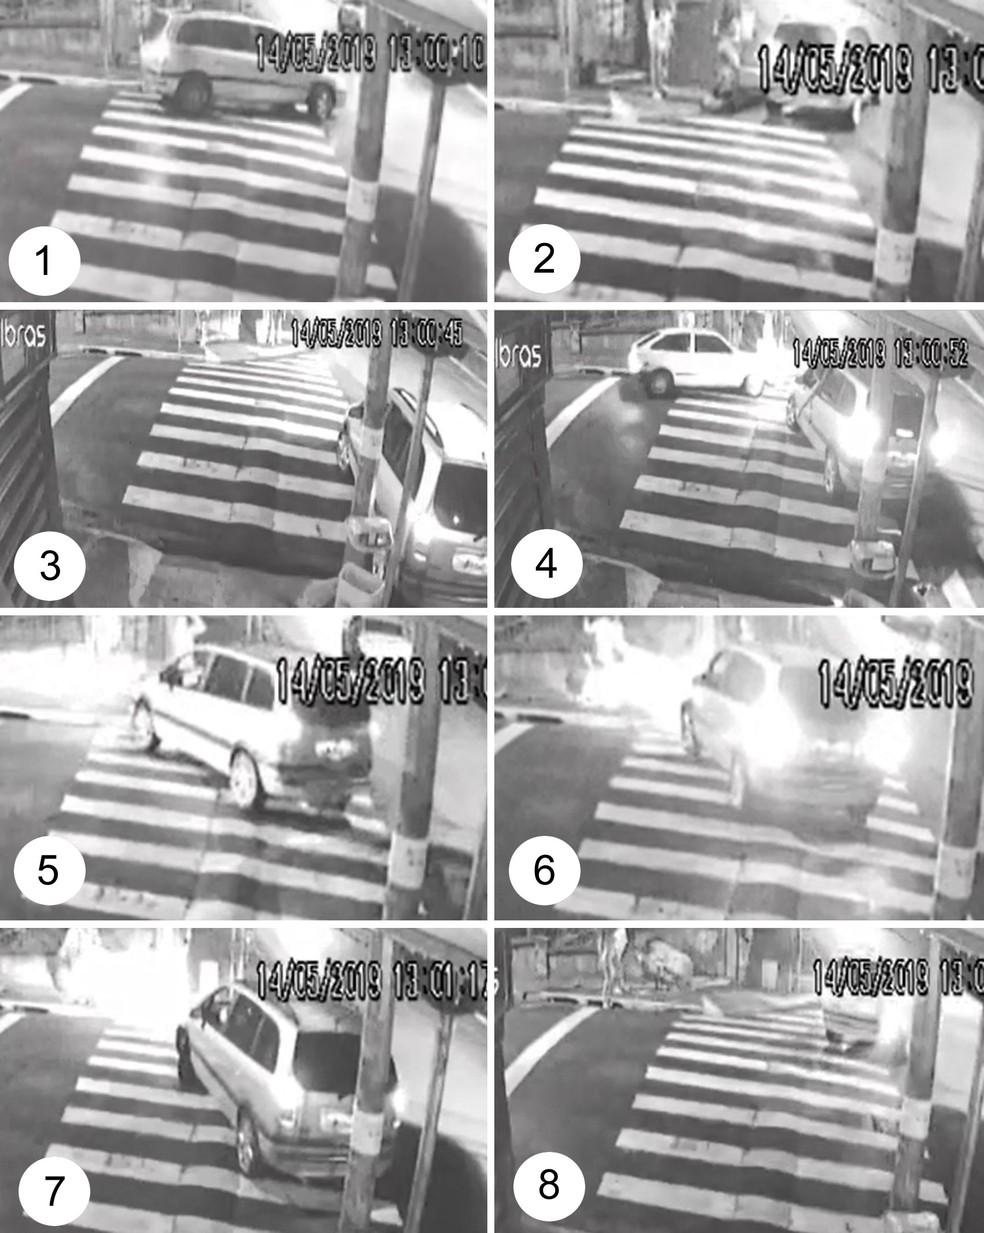 1) Motorista para o carro para conversar com travestis; 2) Na esquina, ele volta a falar com uma travesti; 3) Ele dá ré no veículo até bater no meio-fio; 4) Motorista avança o carro e espera outros veículos passarem; 5) Homem volta a discutir com uma travesti; 6) Ele avança o carro contra o grupo de travestis e bate em um muro de uma casa; 7) Motorista dá ré; 8) Ele foge do local — Foto: Reprodução